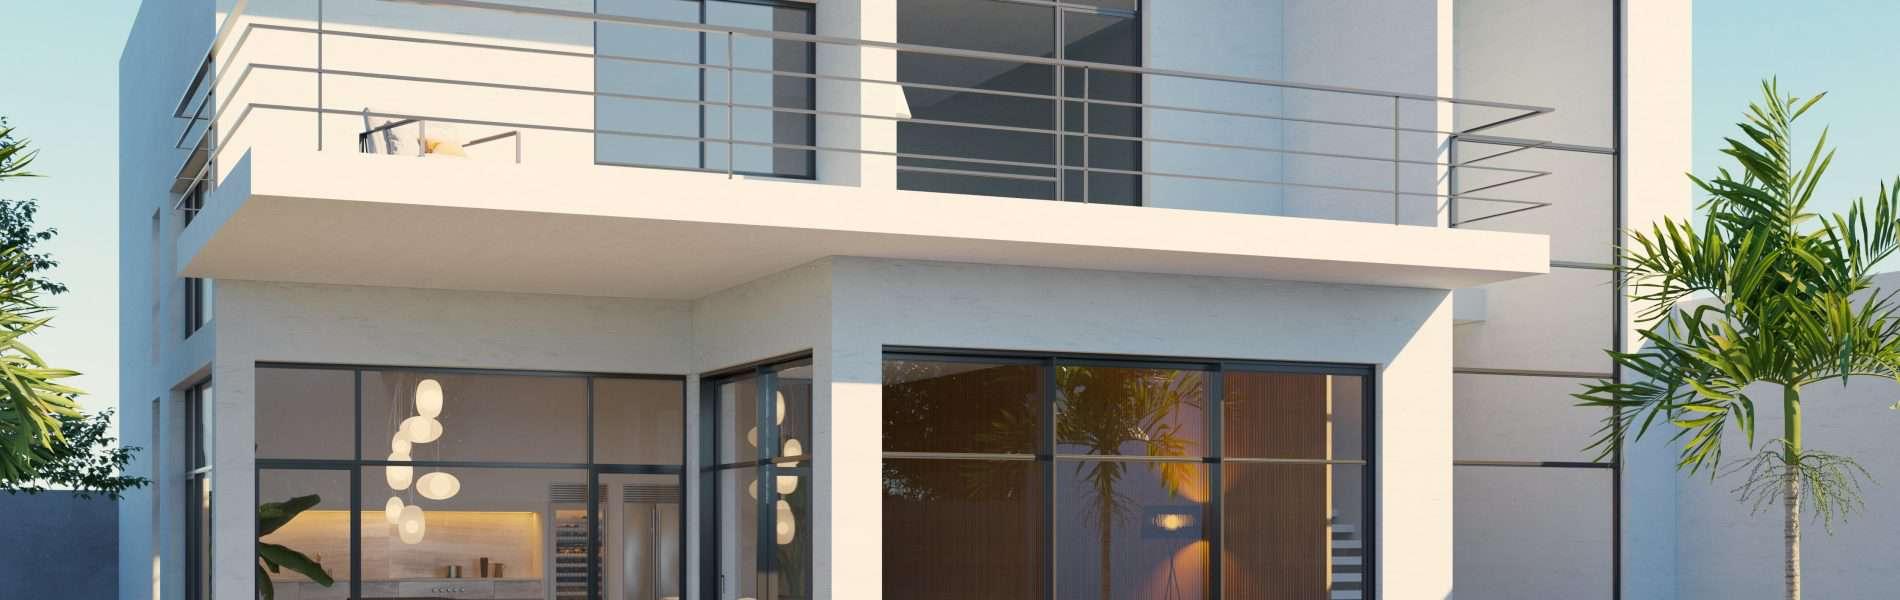 כל הסיבות להכניס את חלונות הבאוהאוס לביתכם